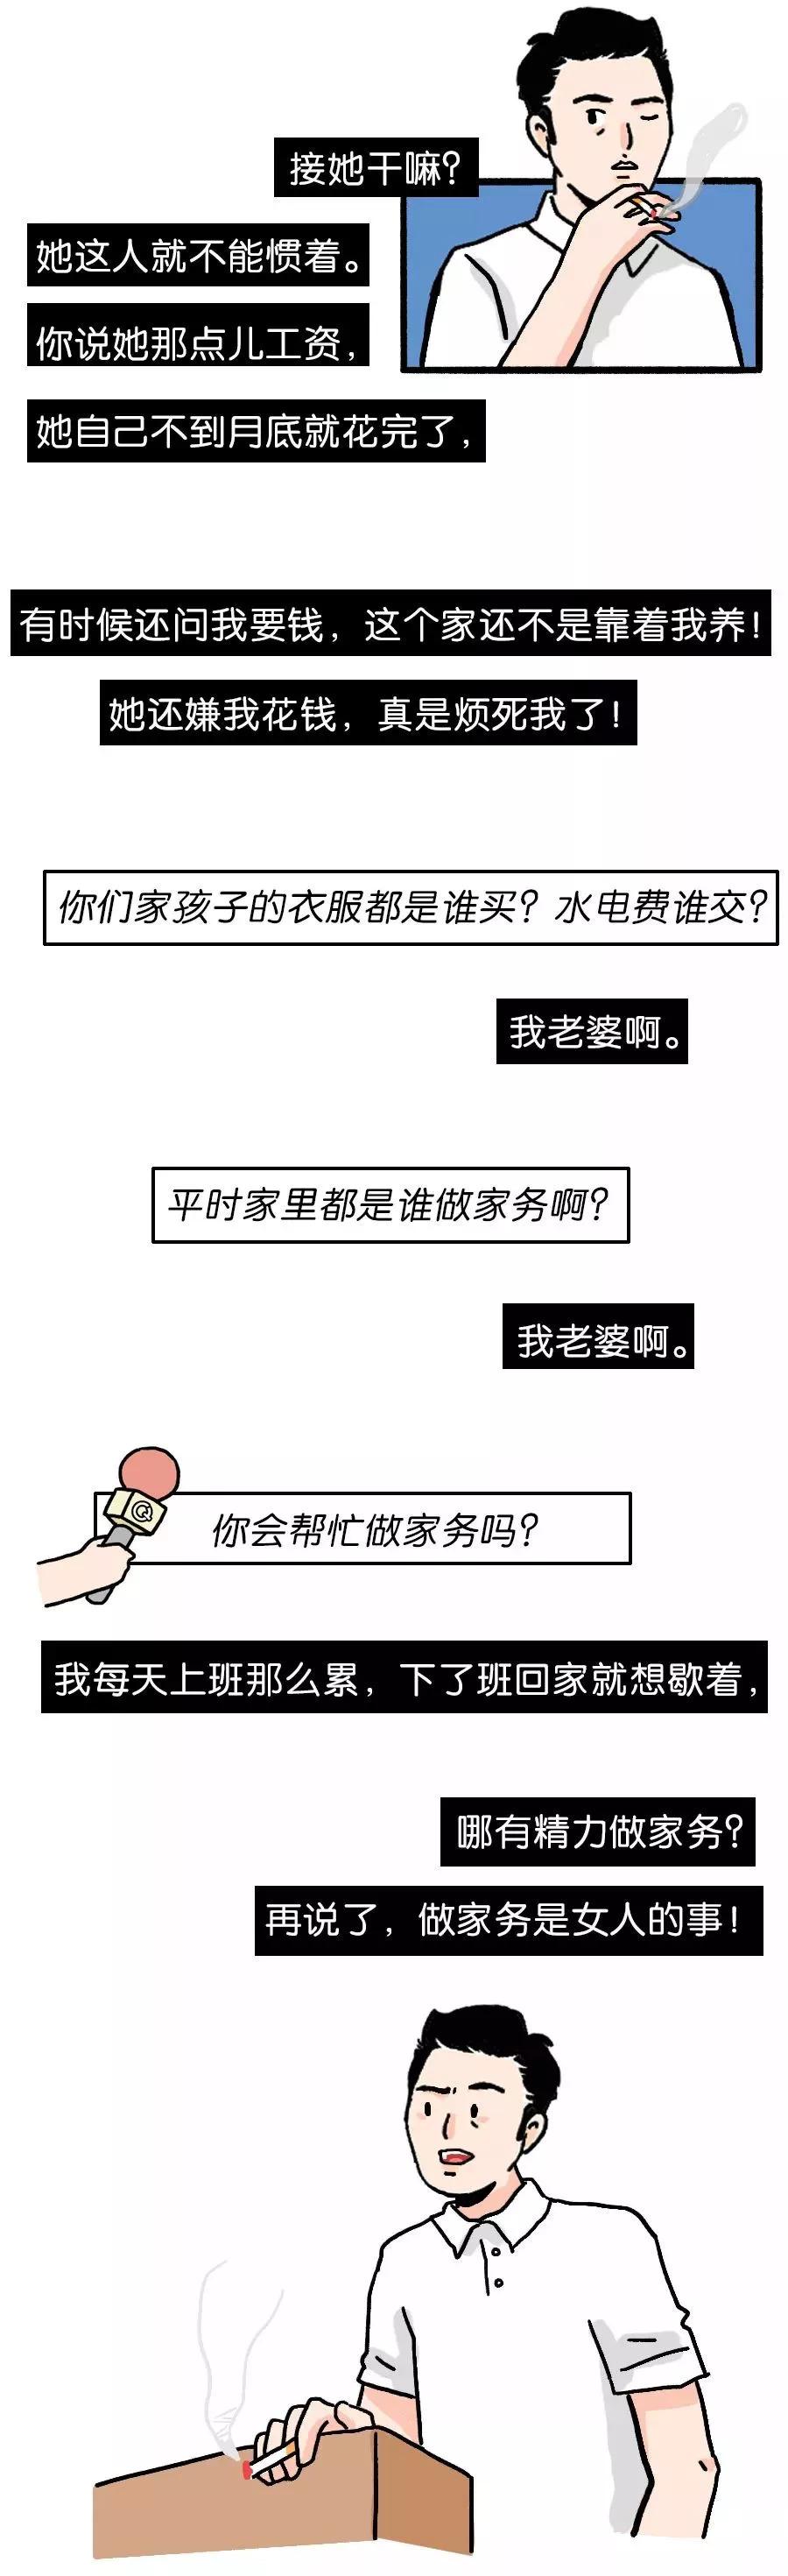 美高梅手机版官方网站 6